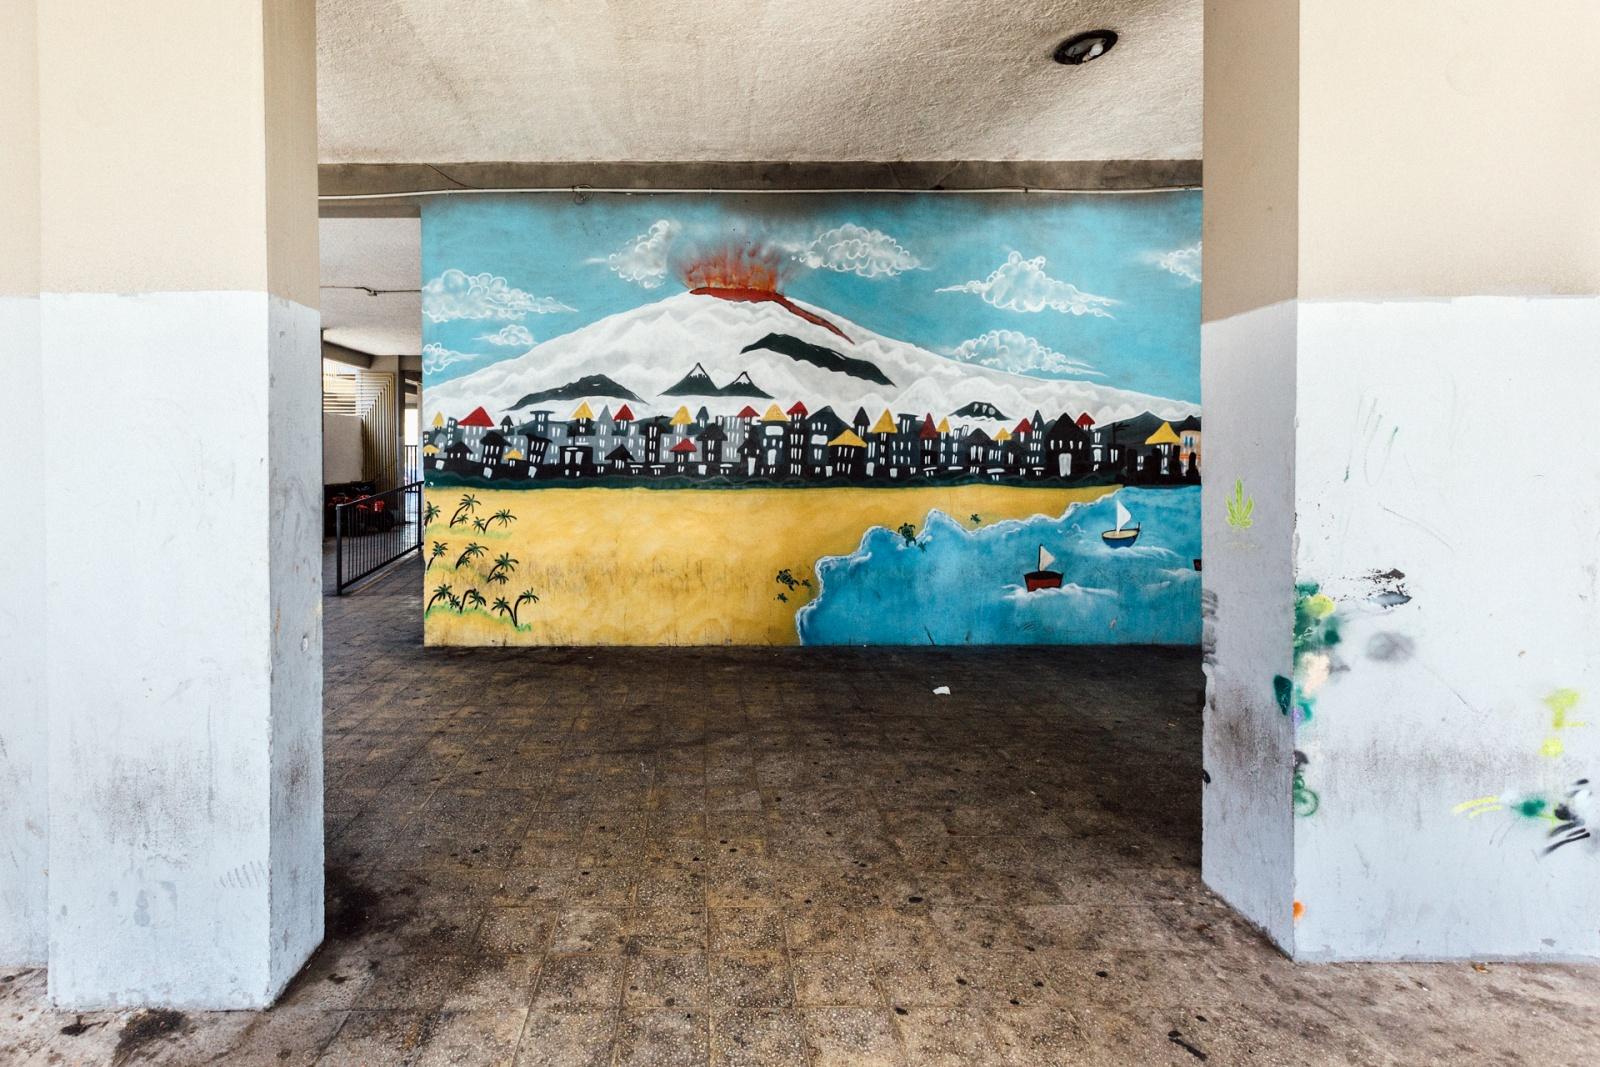 Murales raffigurante l'Etna che erutta su Librino, Catania, 2015 - 2016. © Riccardo Colelli.